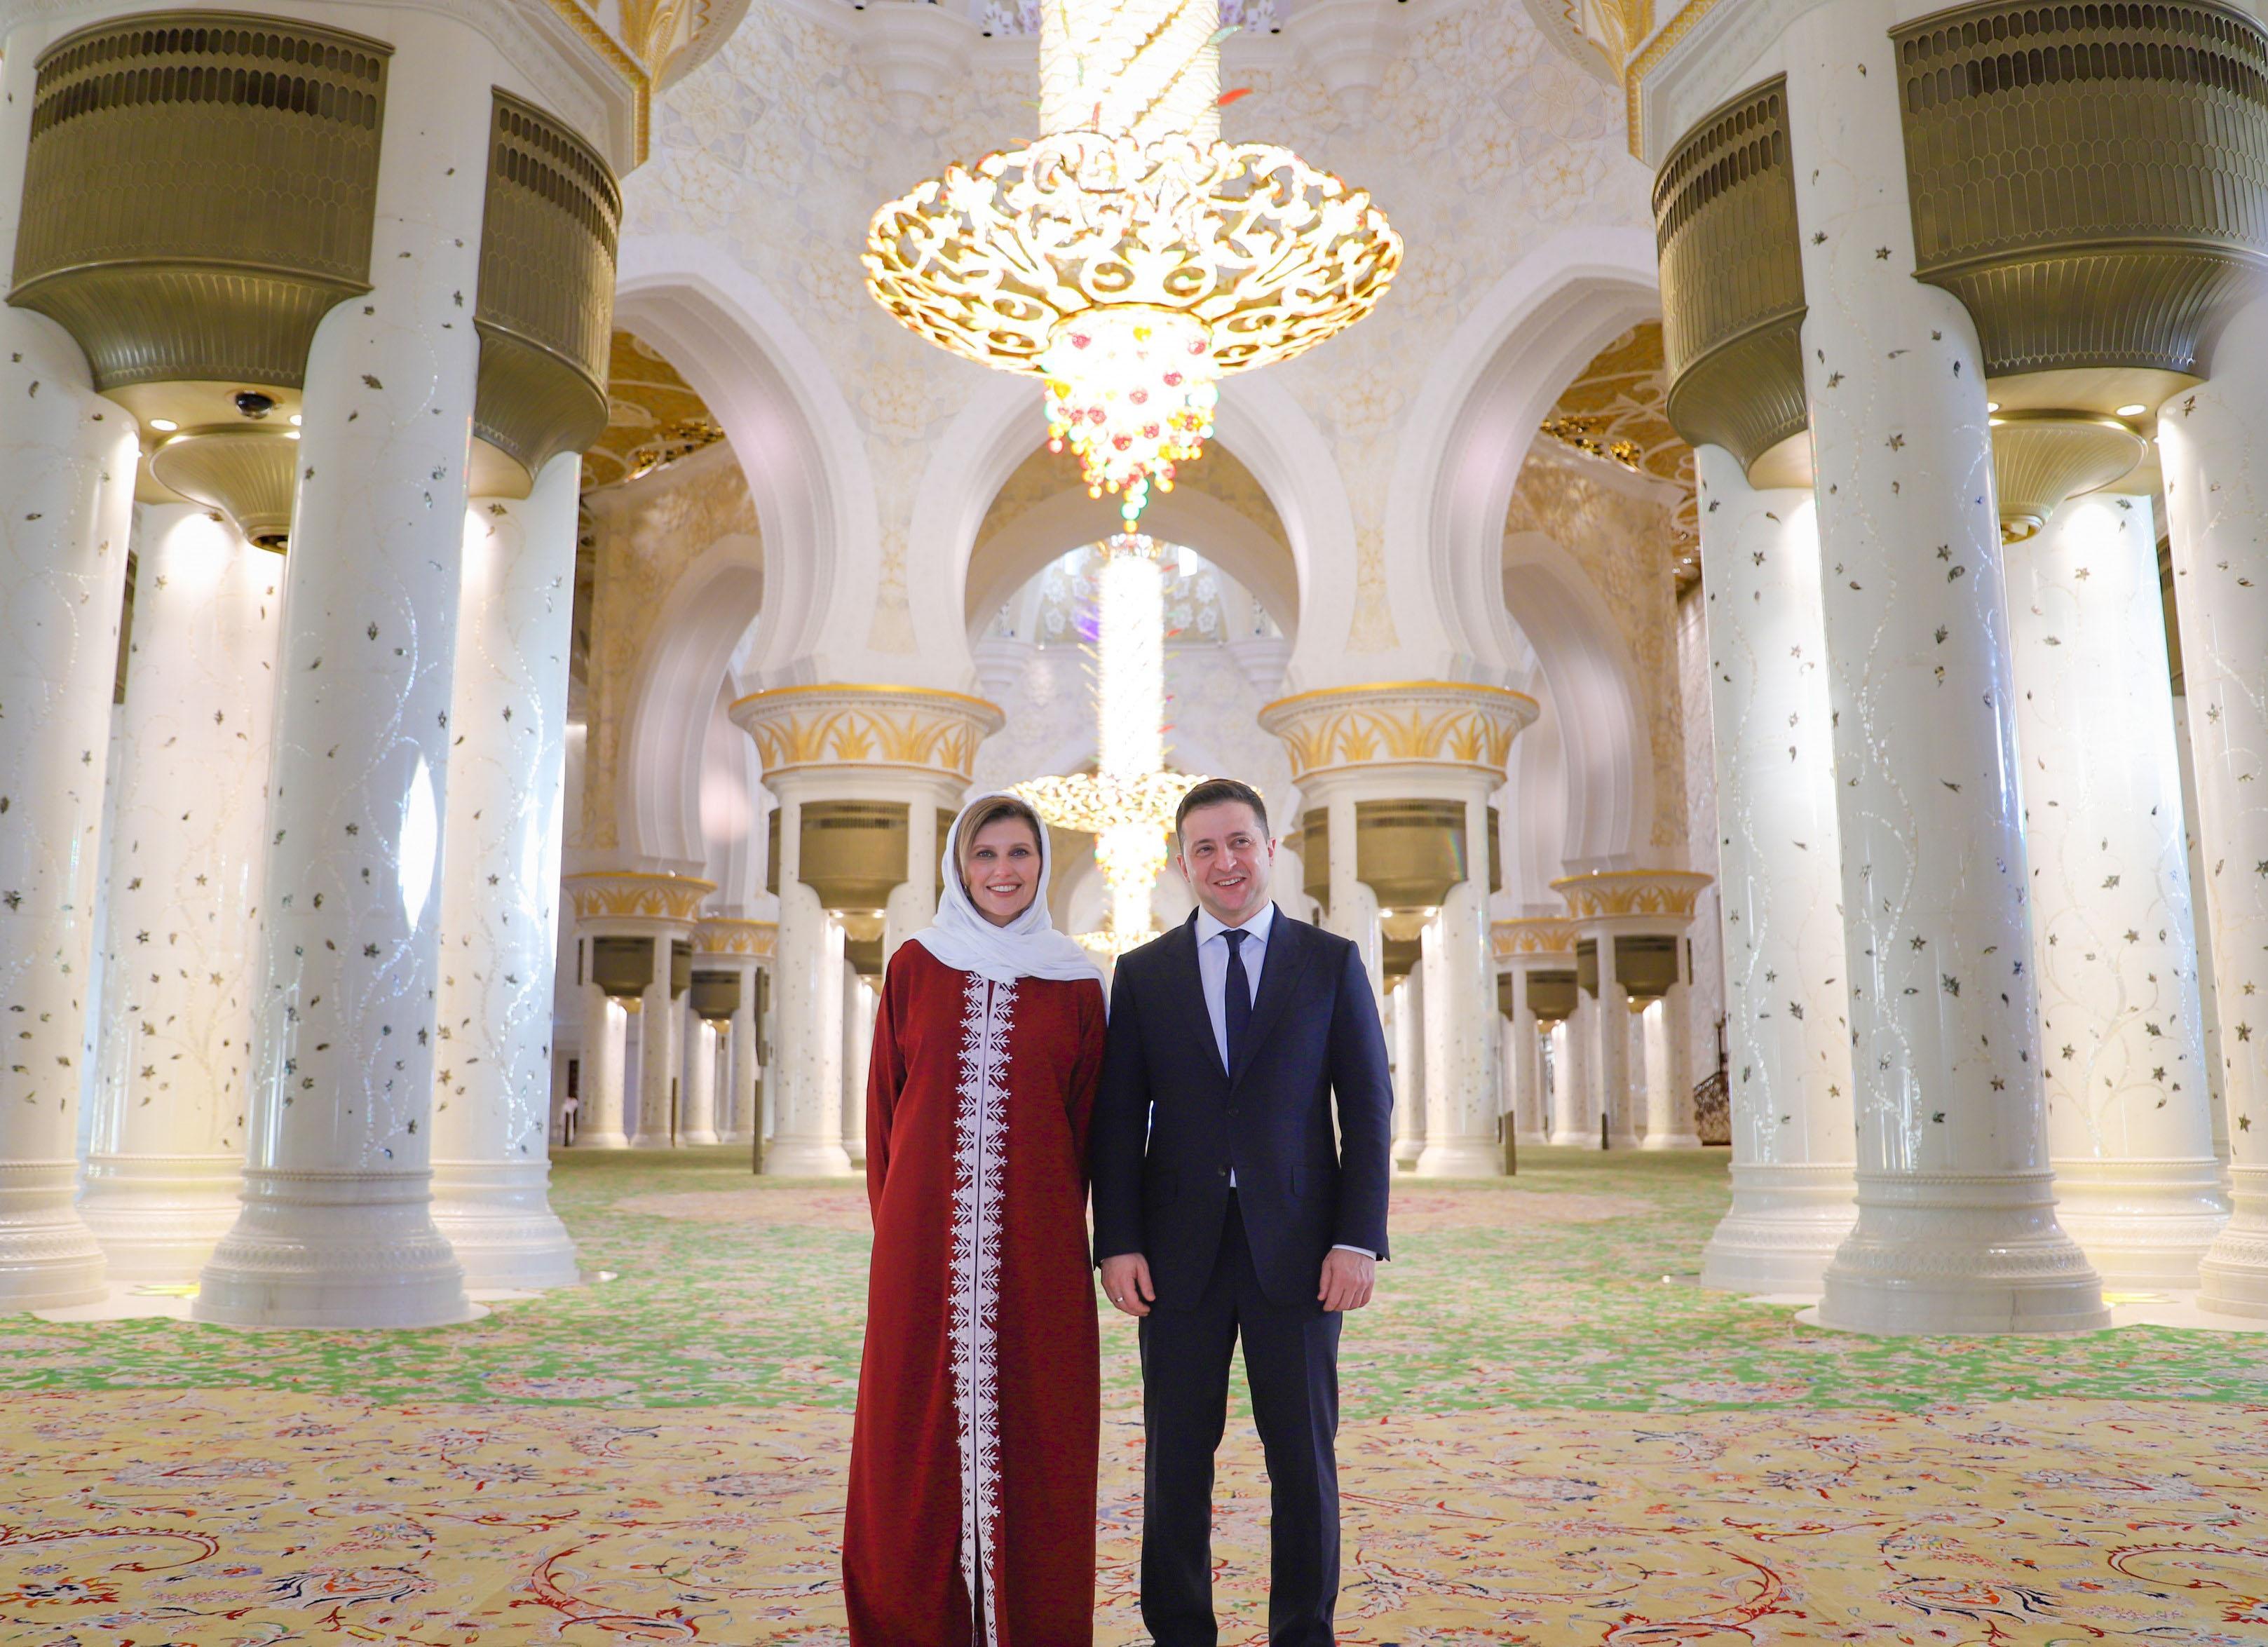 رئيس أوكرانيا يزور جامع الشيخ زايد الكبير في أبوظبي